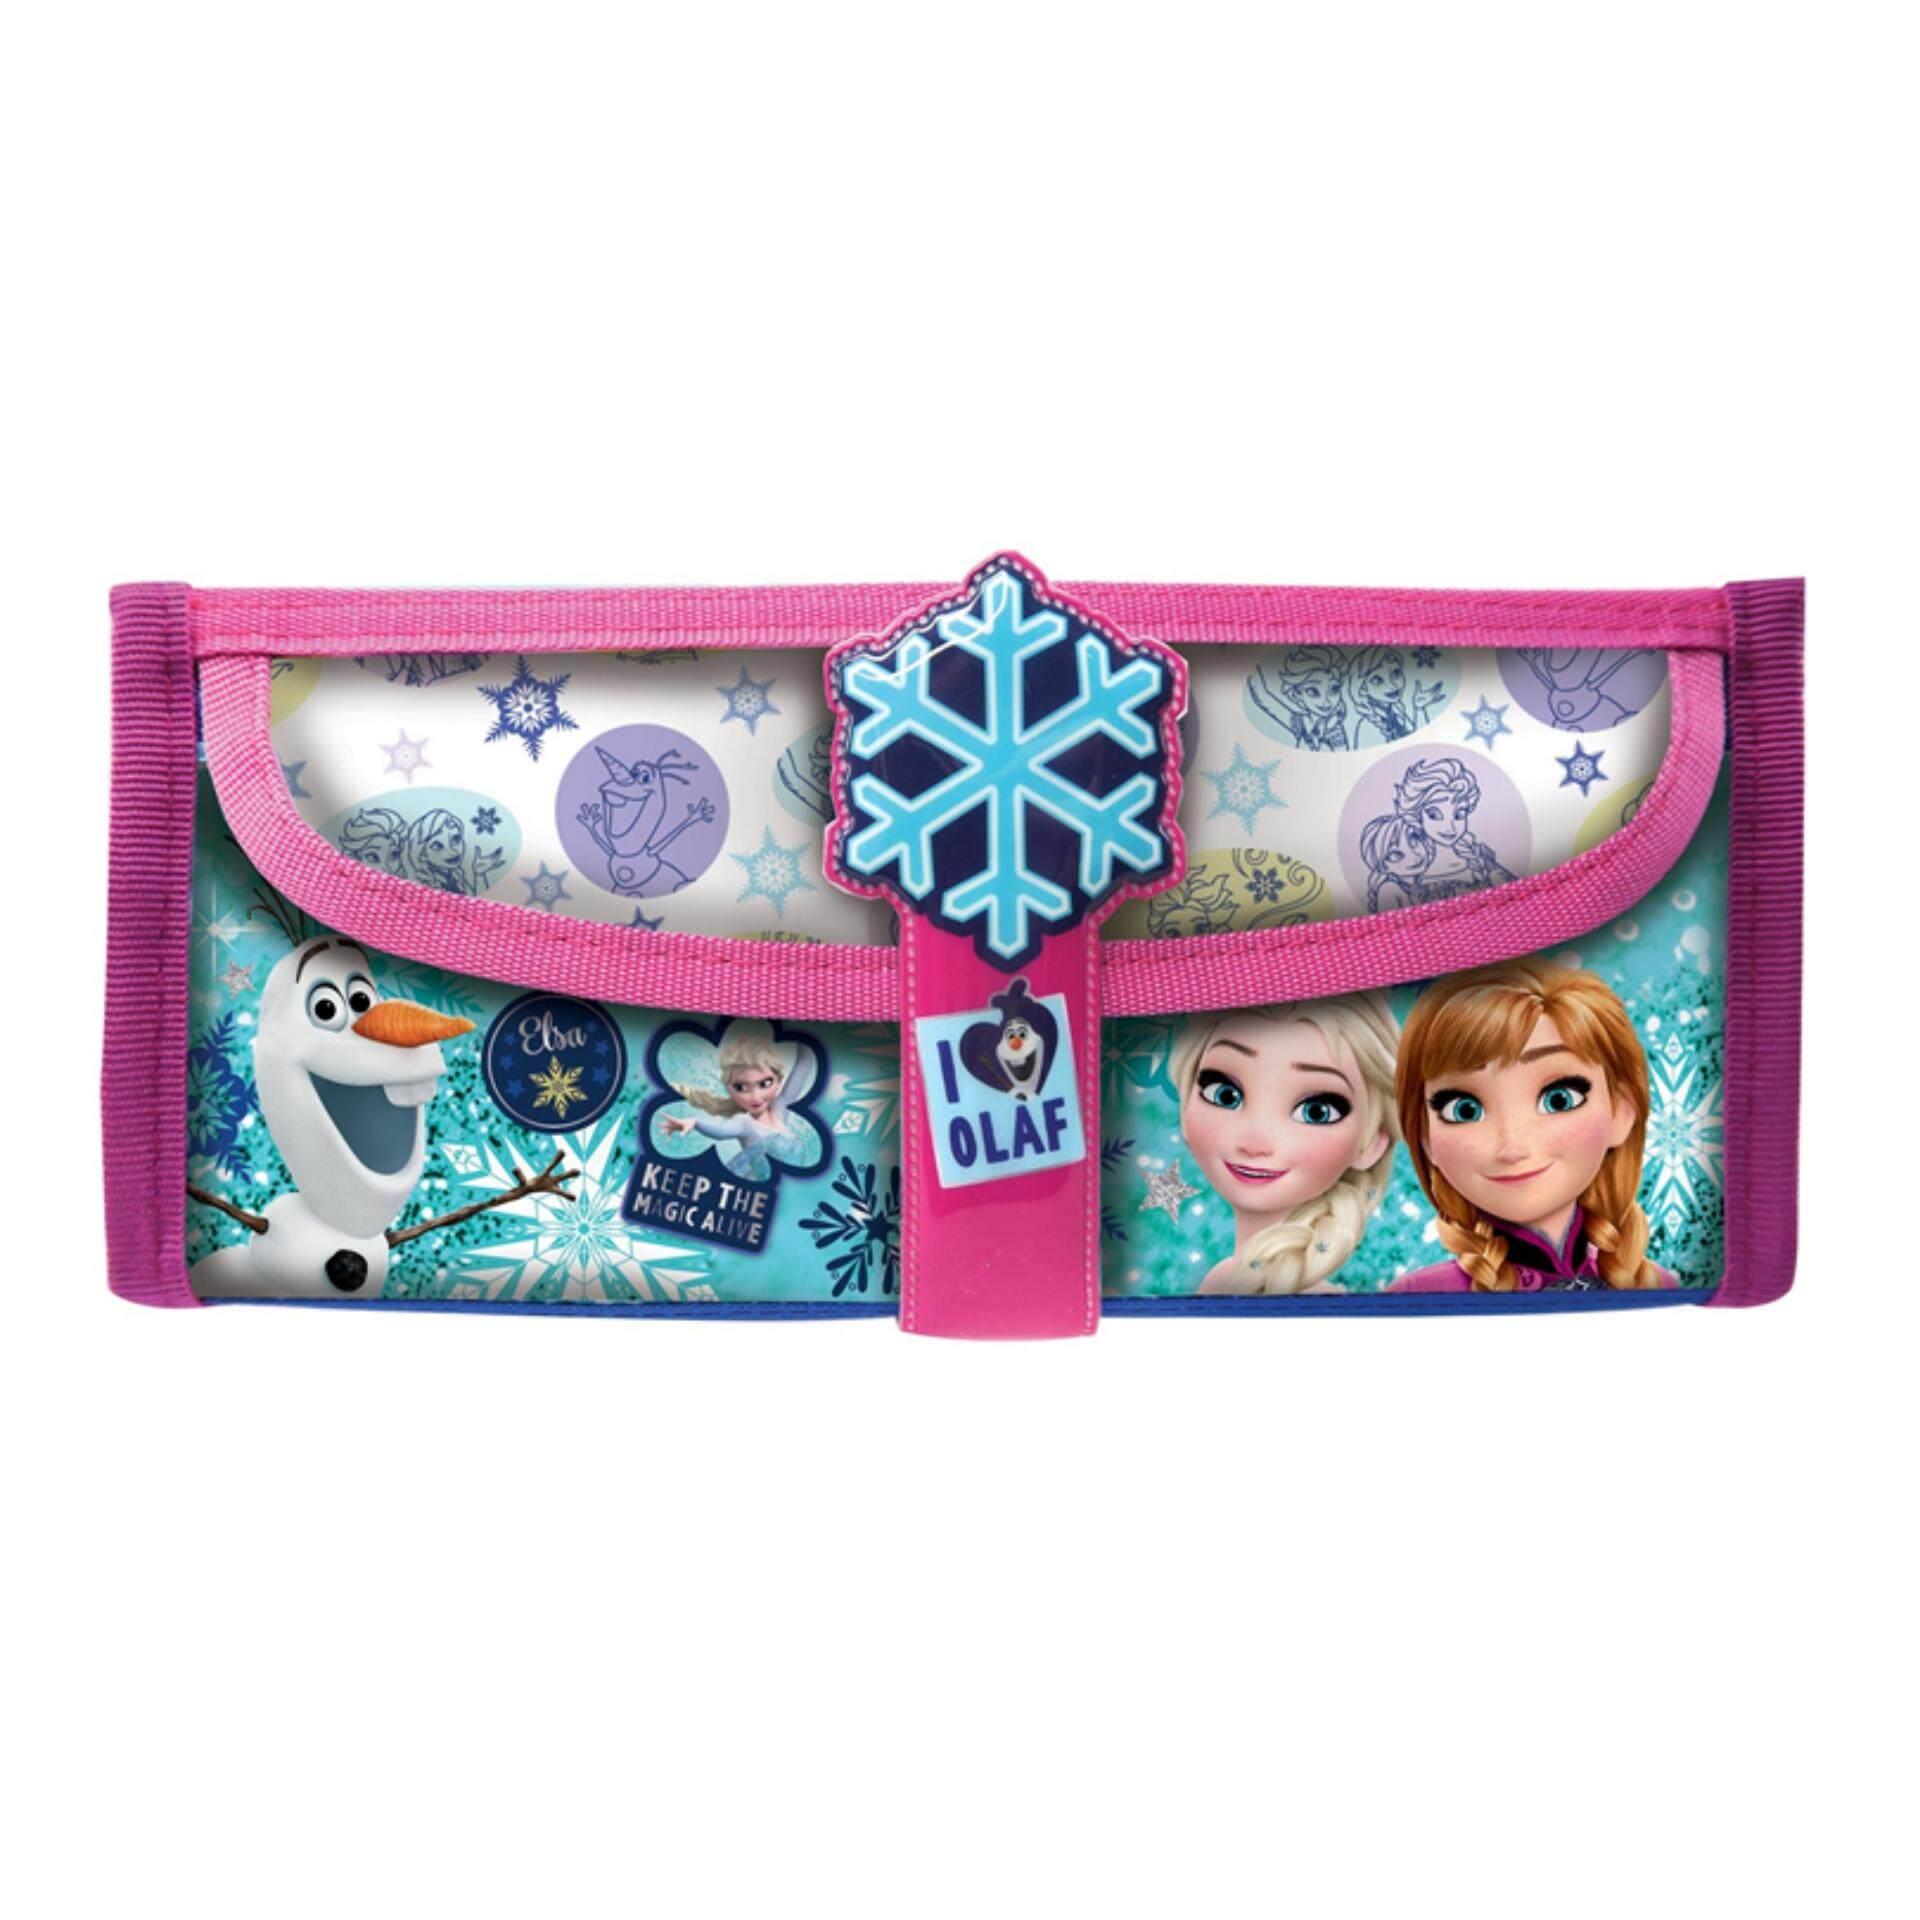 Disney Princess Frozen Square Pencil Bag With Pocket - Pink Colour